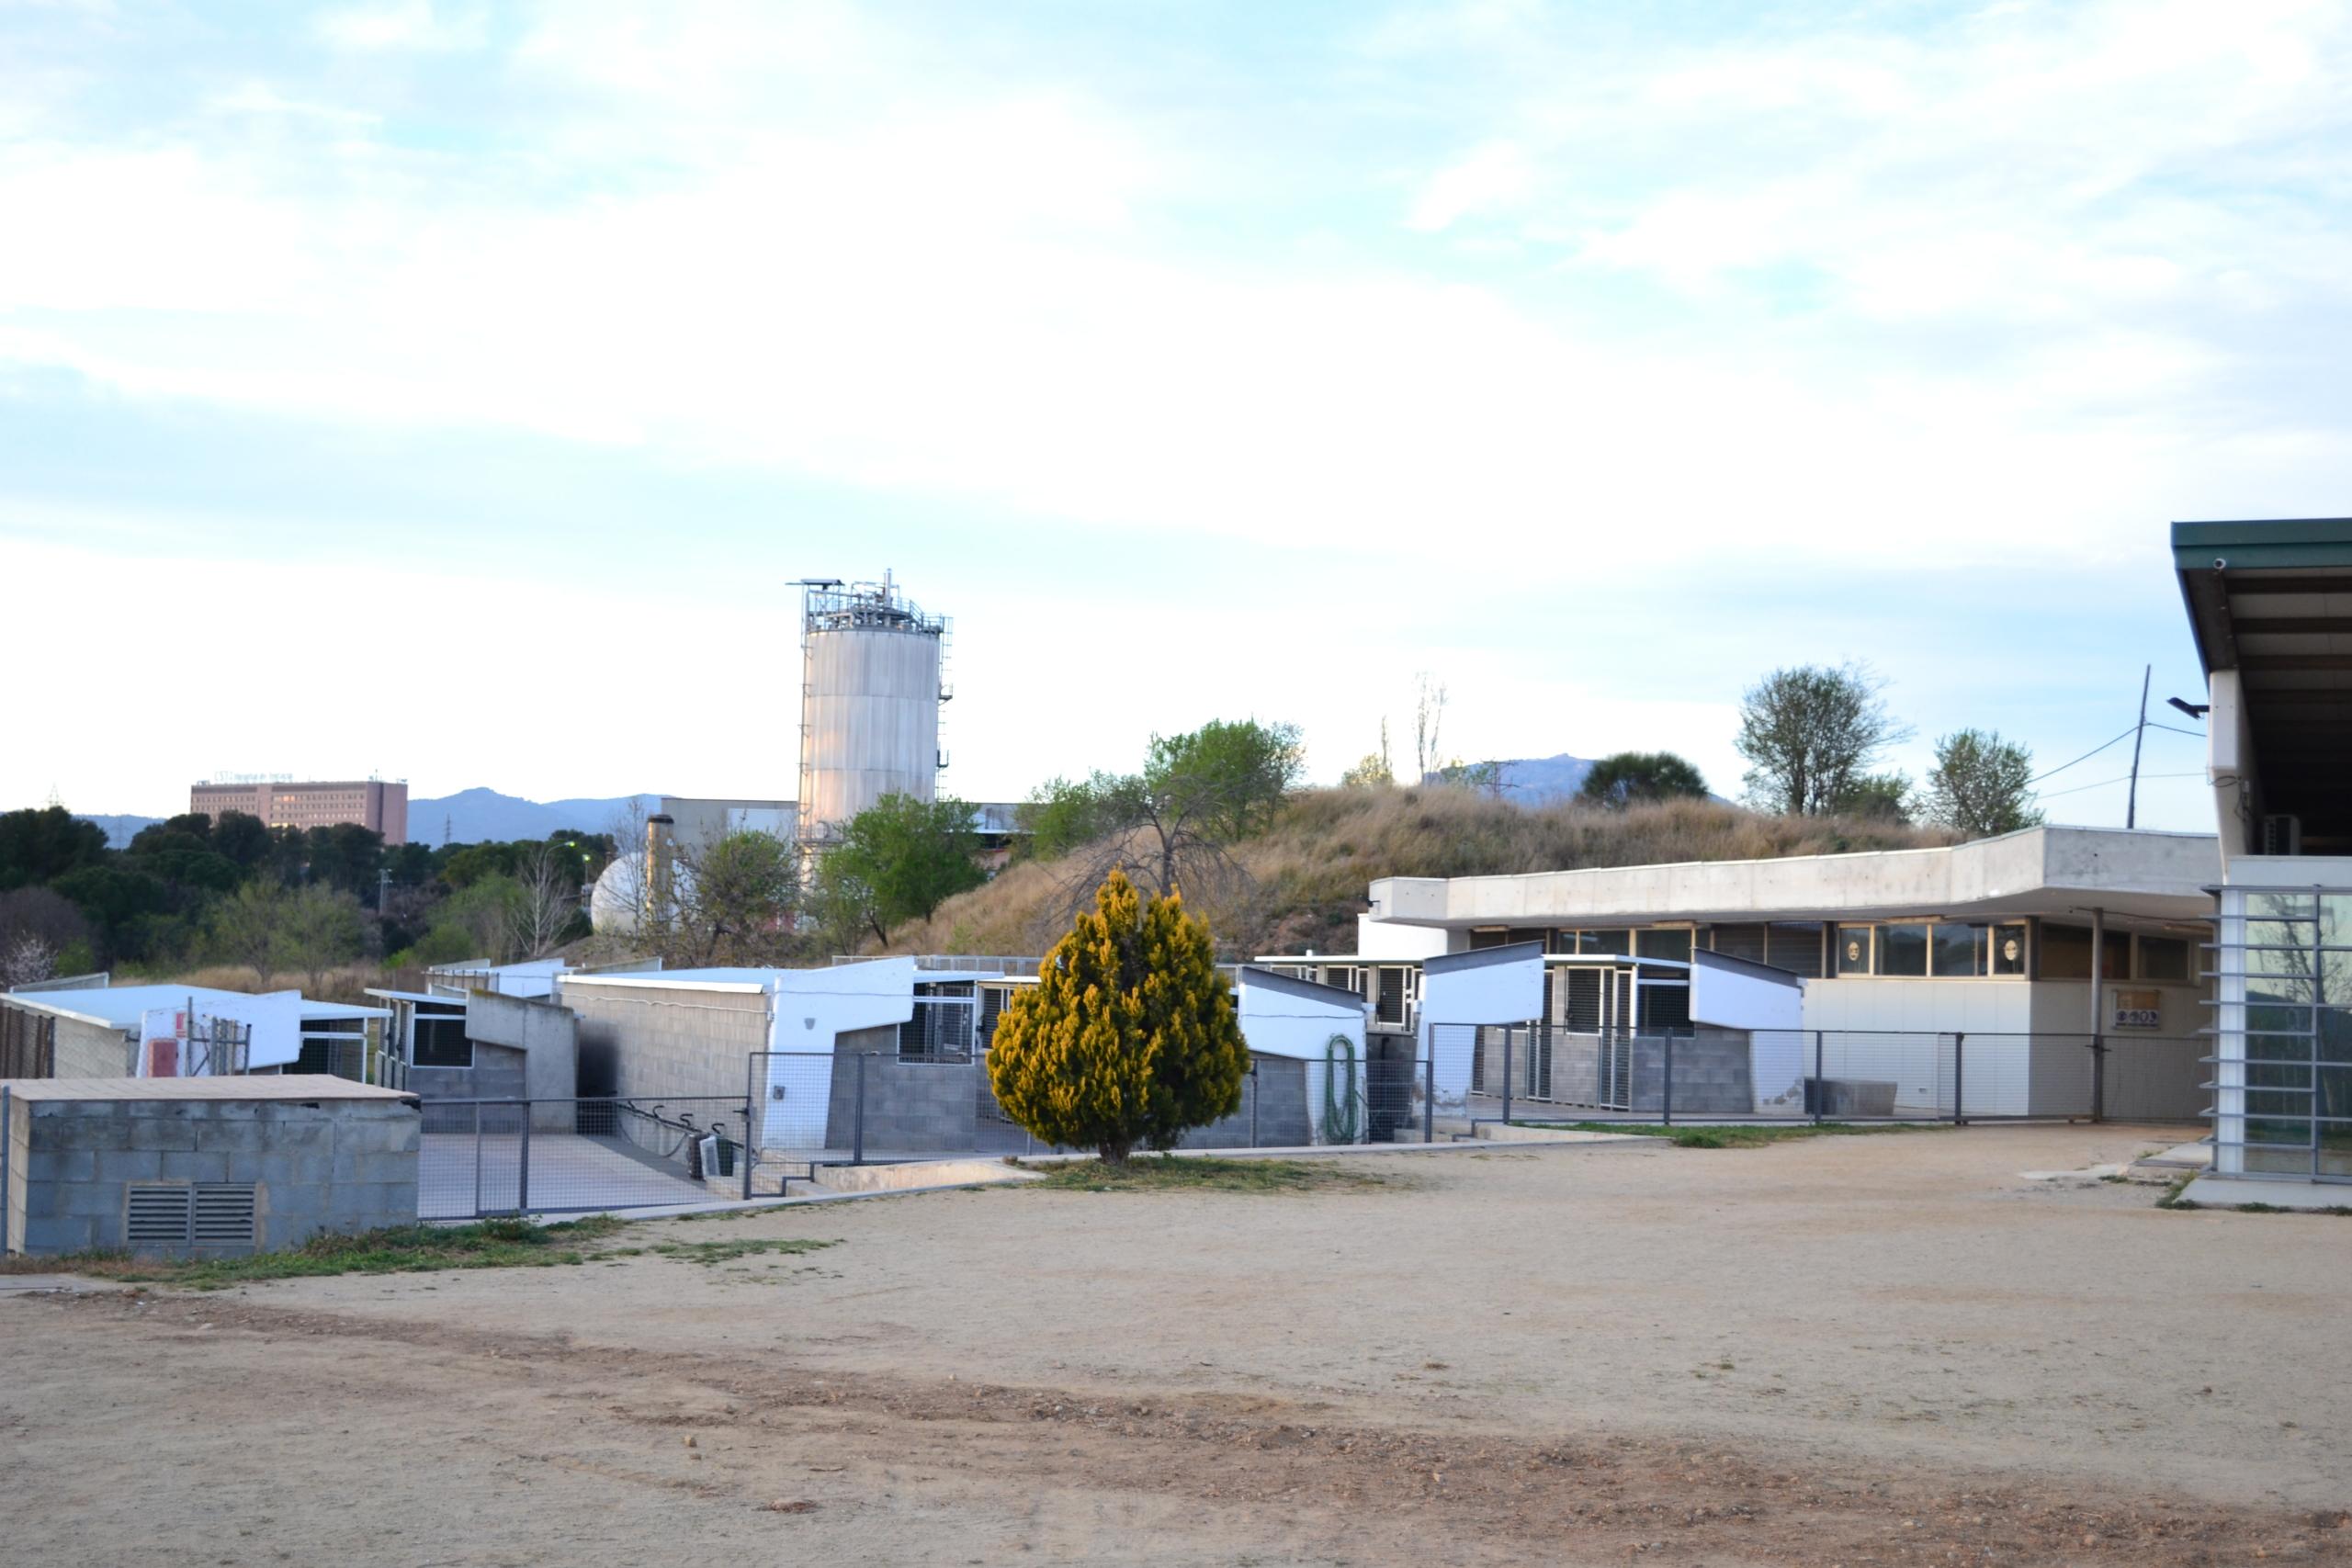 Instal·lacions del Centre d'Atenció d'Animals Domèstics de Terrassa (CAAD) | CAAD